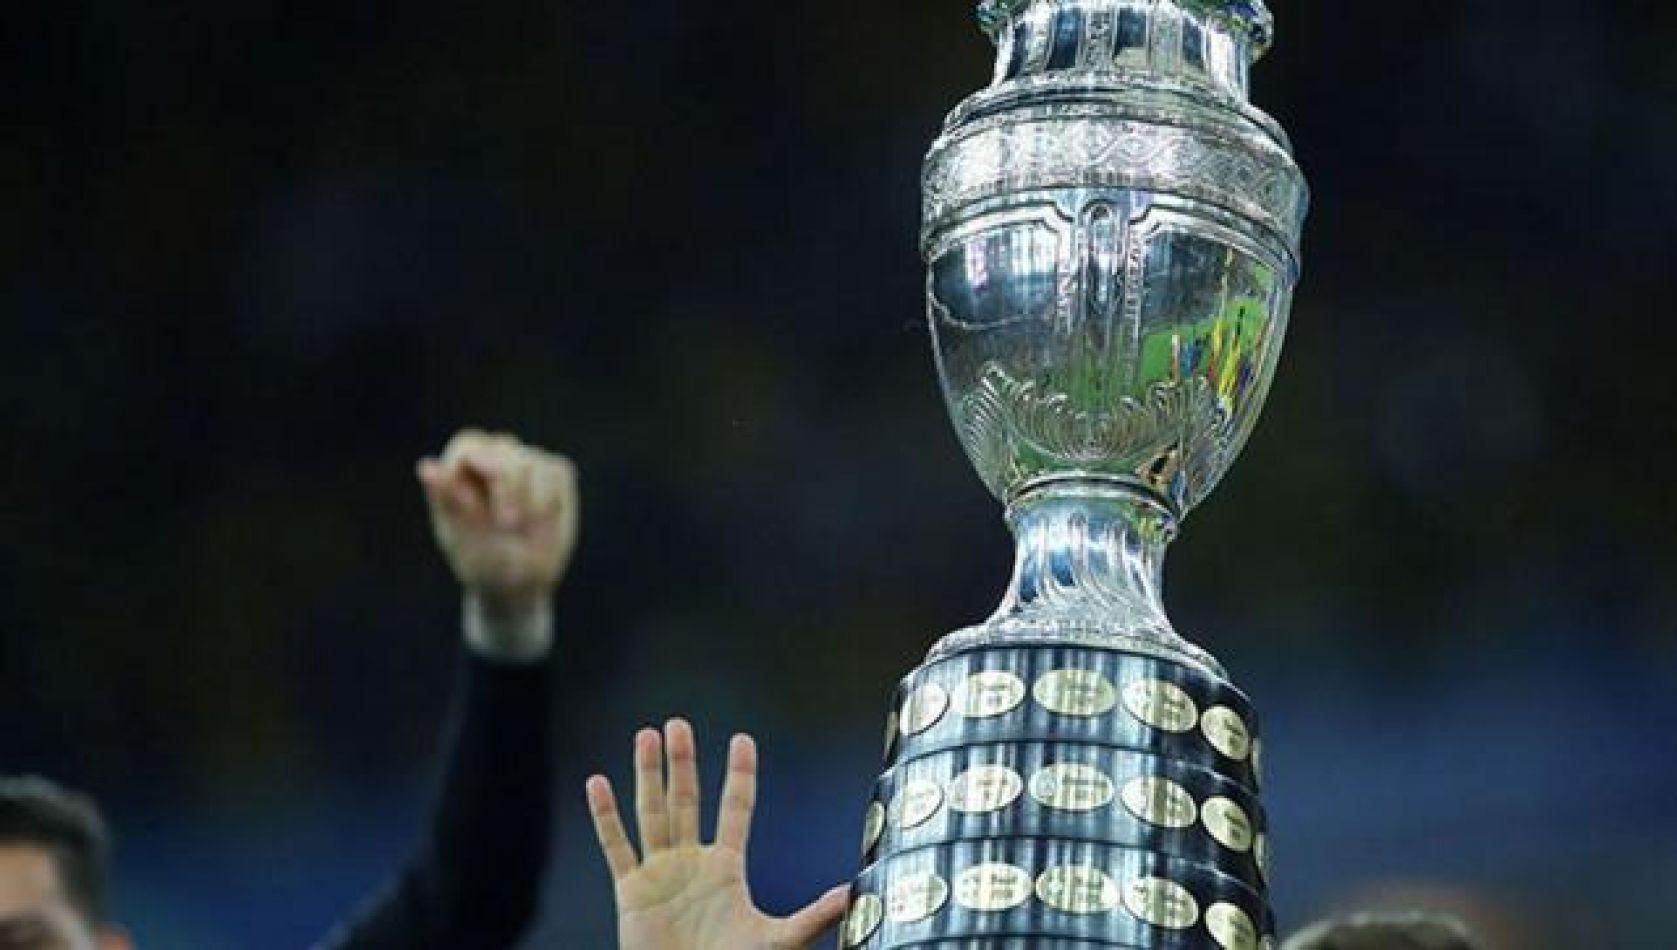 La Selección Argentina abrirá la Copa América en Buenos Aires. La final será en Barranquilla.